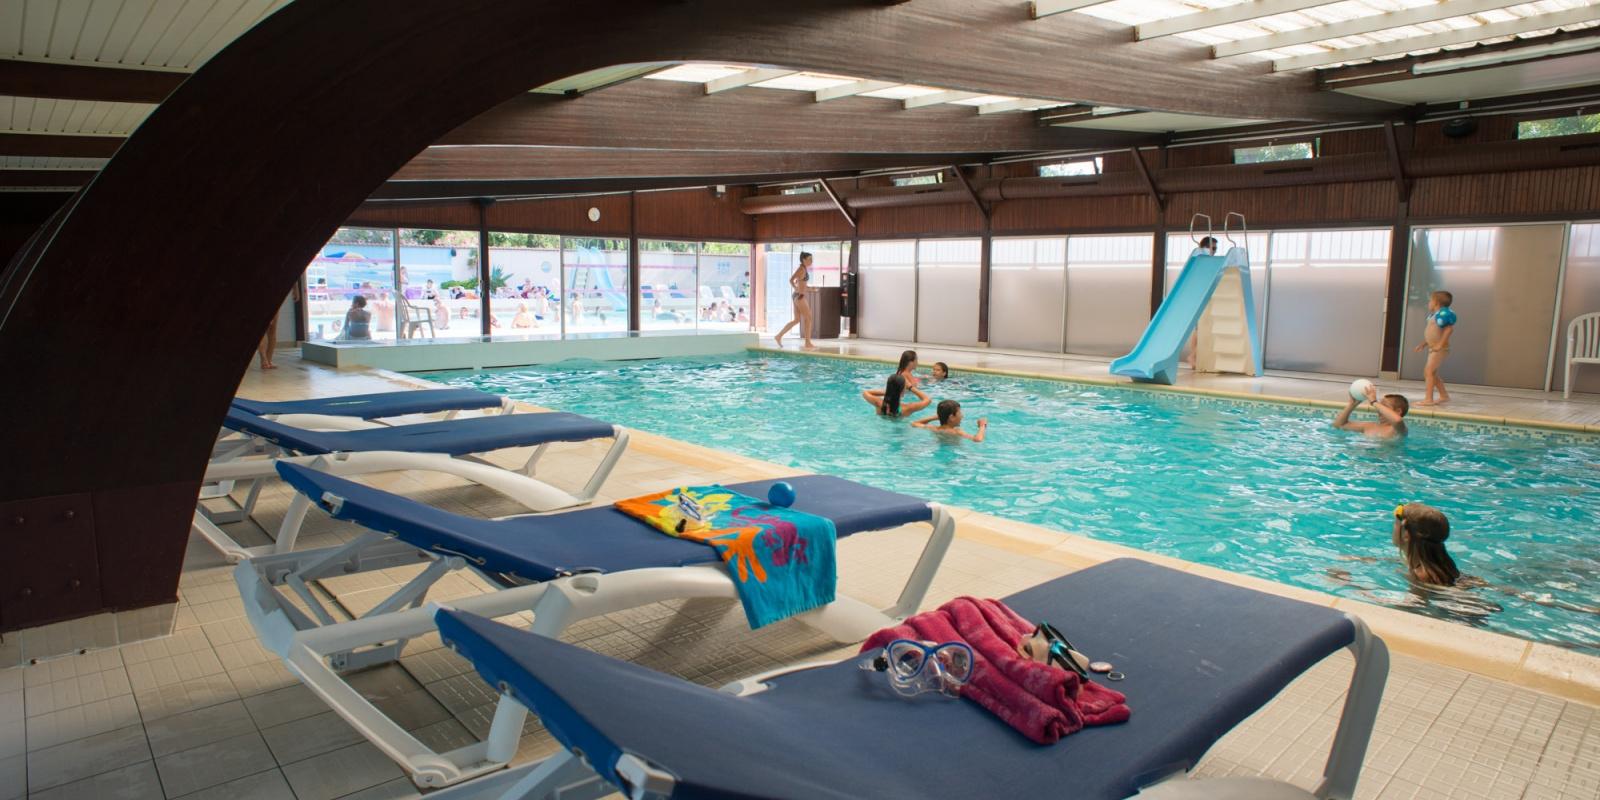 Piscine en plein air et piscine couverte chauff e for Piscine la plus proche